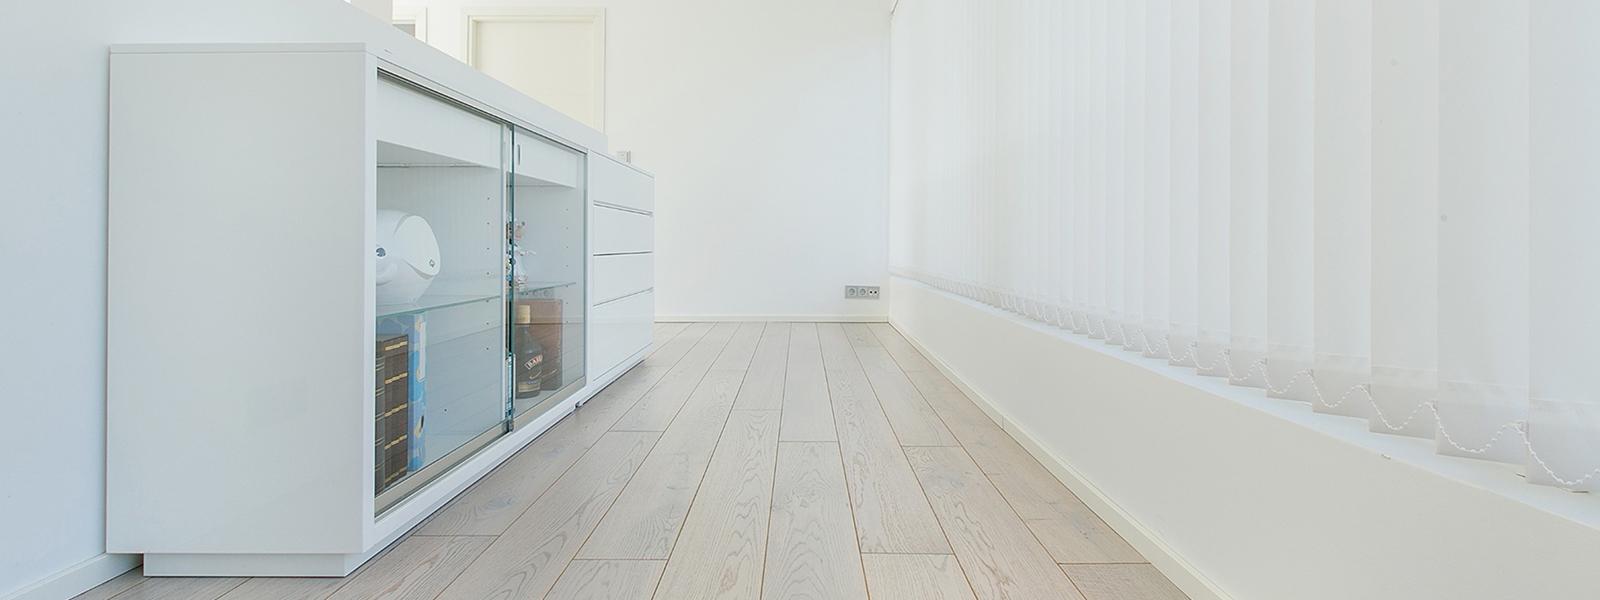 floor_3_1600